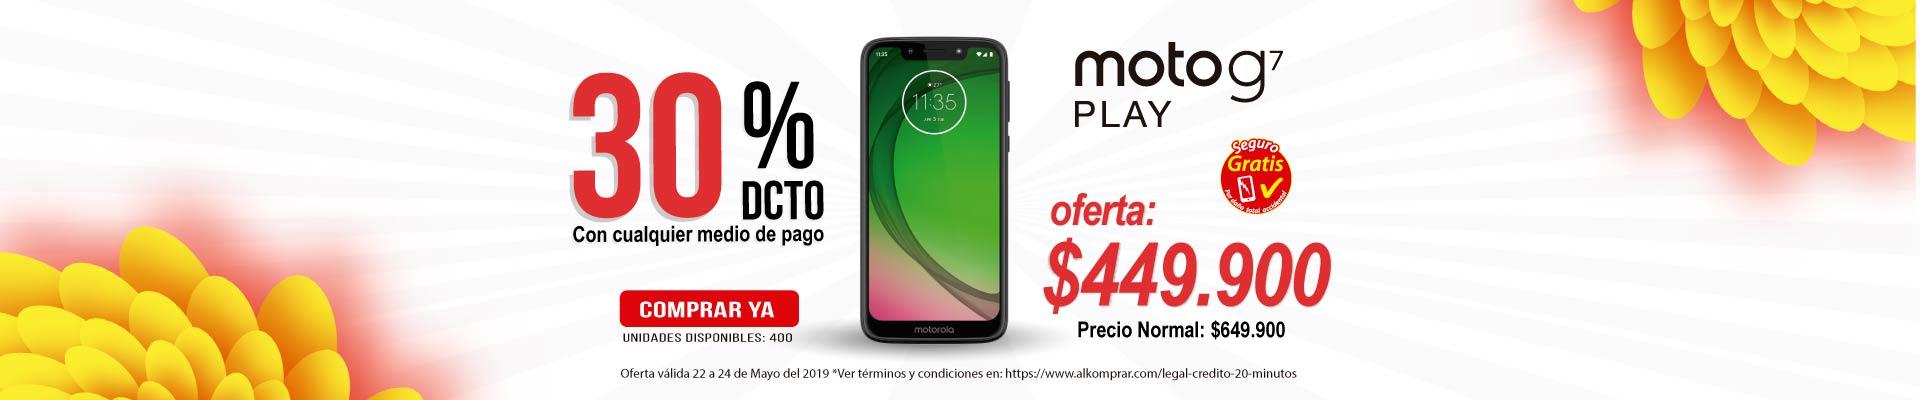 BP ALKP Cel 4G Moto G7 Play